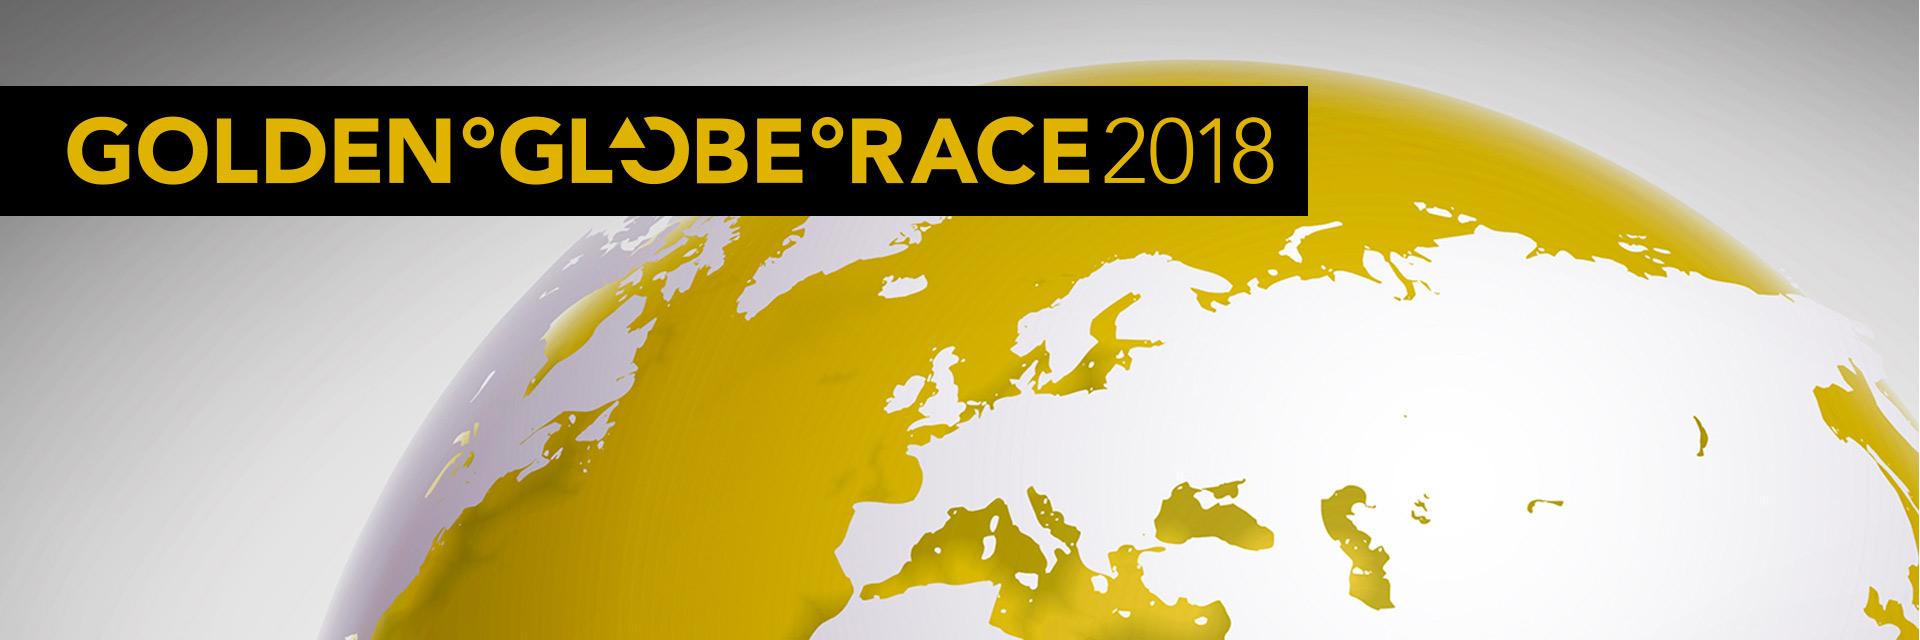 Le Groupe DUBREUIL s'associe à la Golden Globe Race